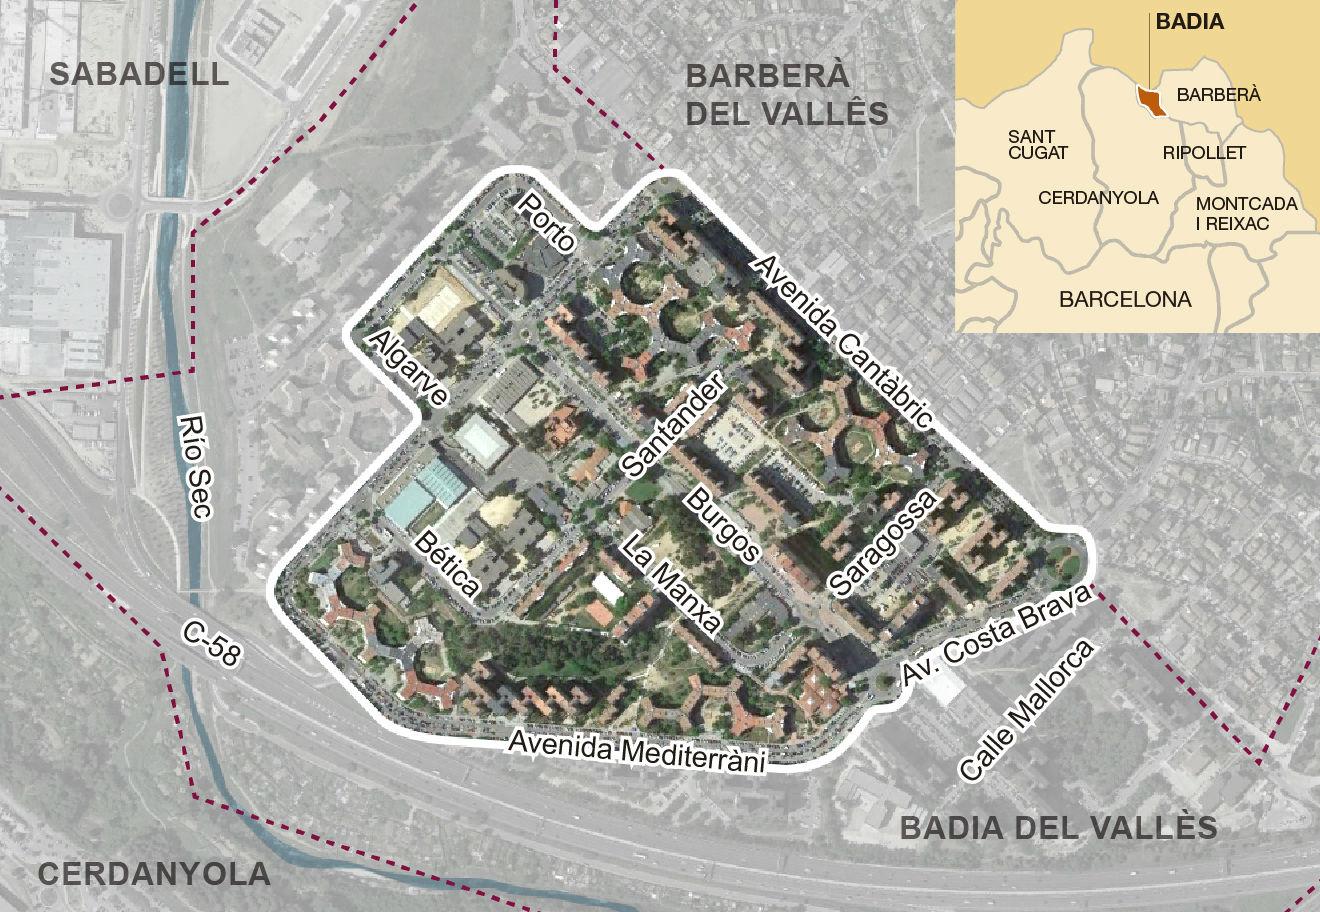 El psc empieza su campa a en la ciudad hecha con el mapa de espa a - Tiendas de muebles en cerdanyola del valles ...